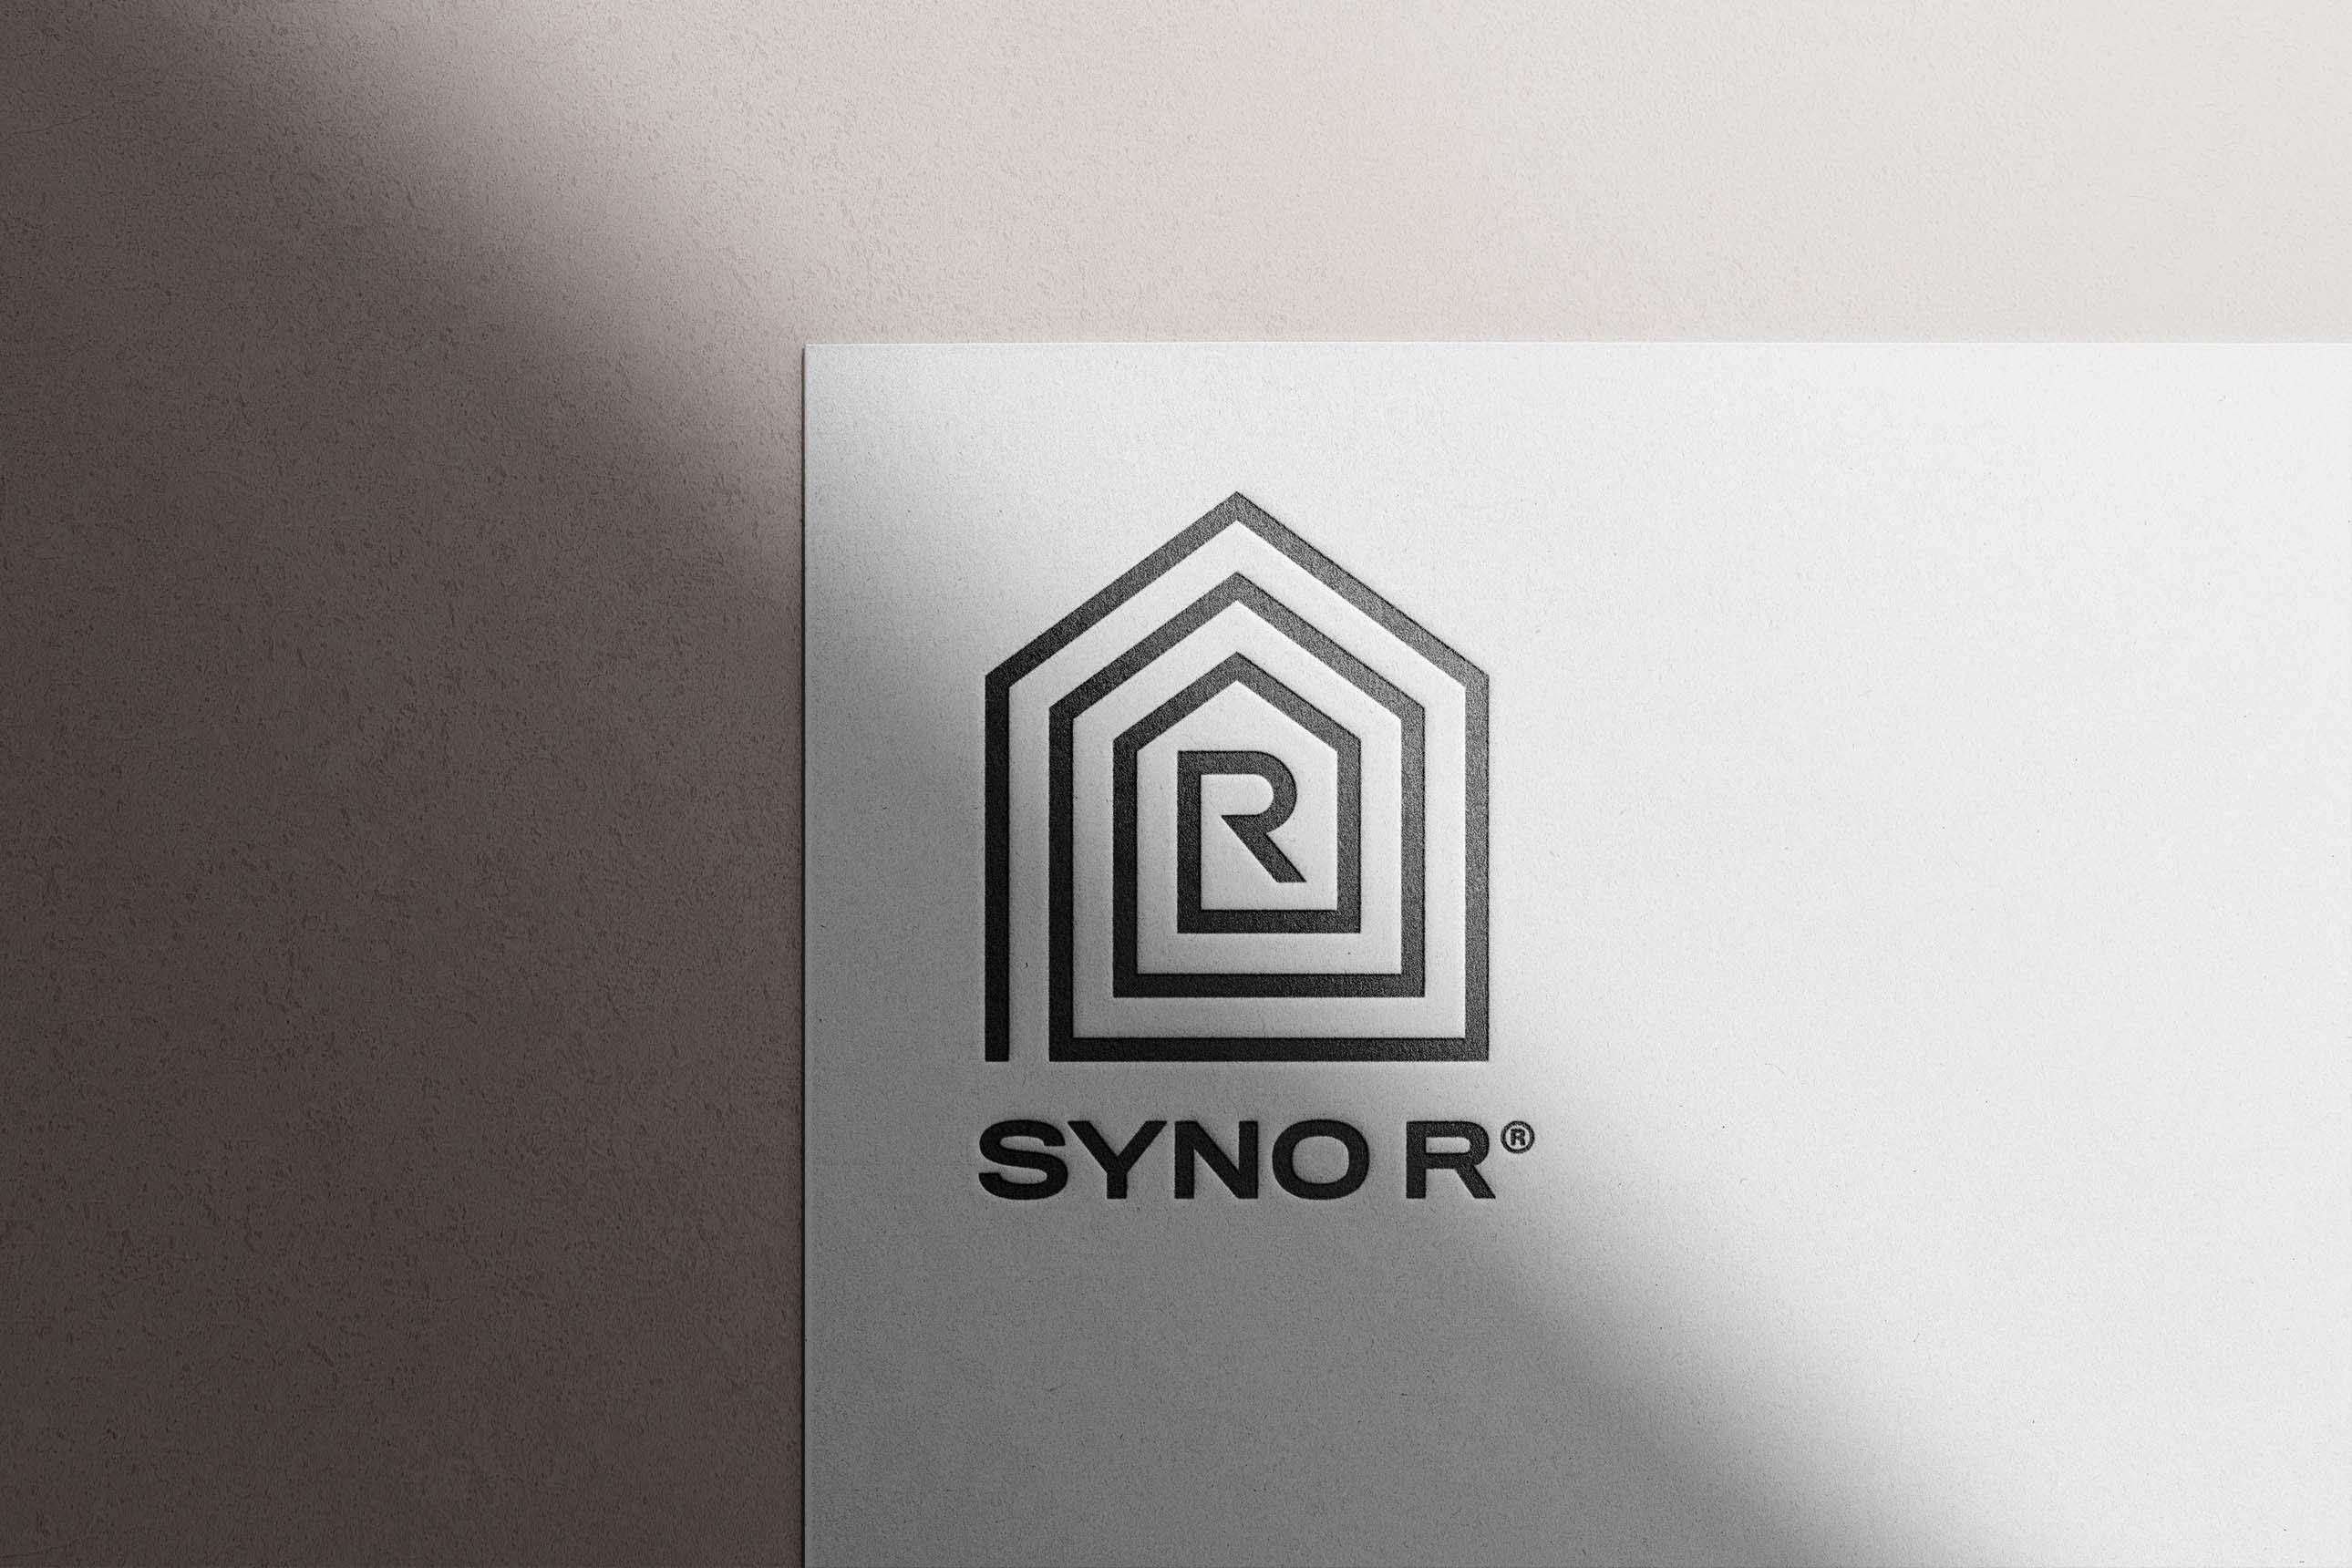 Logodesign und Signetentwicklung für Syno R GmbH